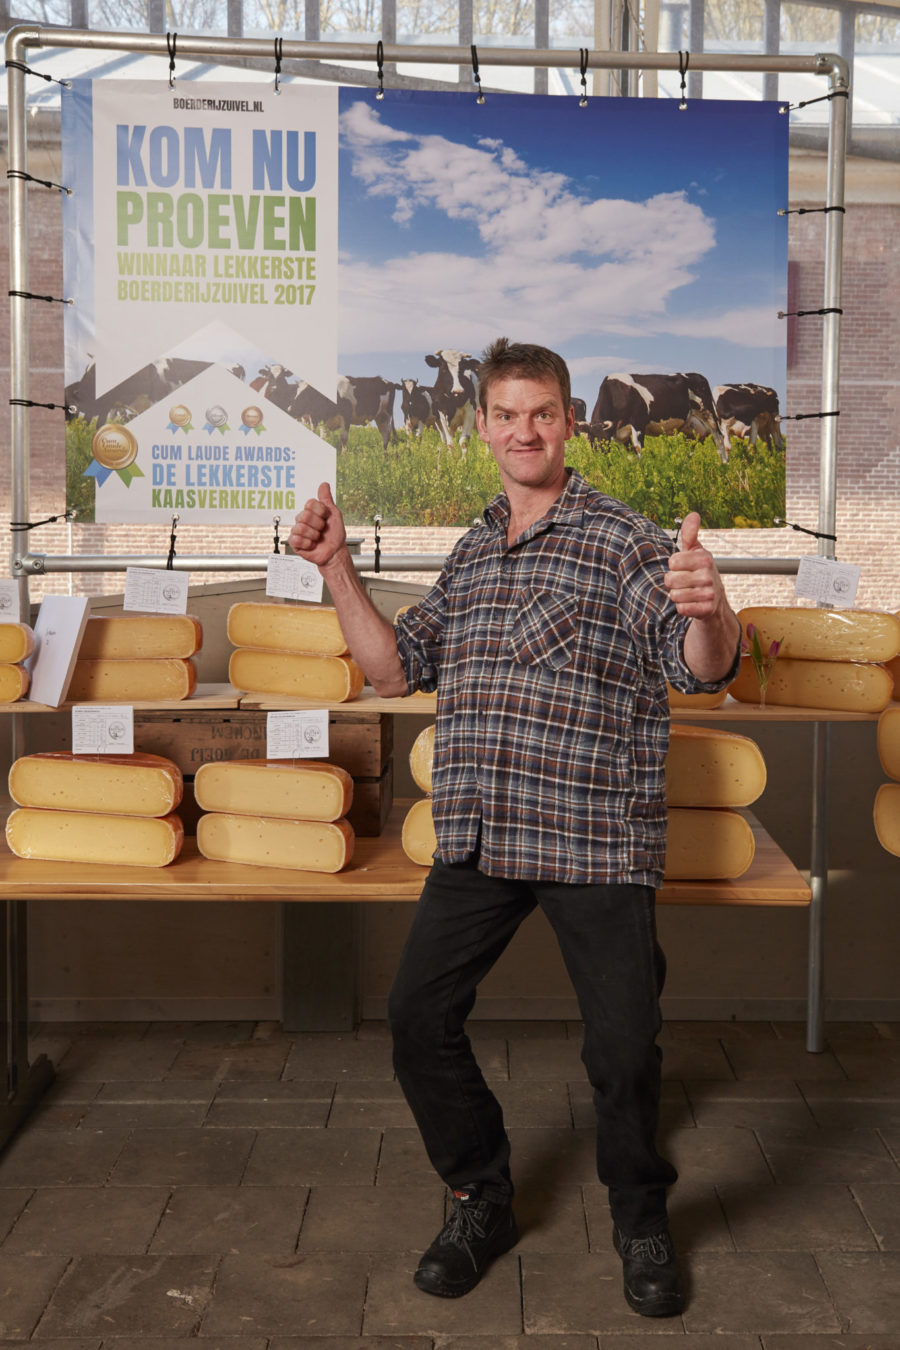 Met een oude BoerenLeidse kaas won de Sophiahoeve de Cum Laude Award 2017 voor beste boerenkaasspecialiteit